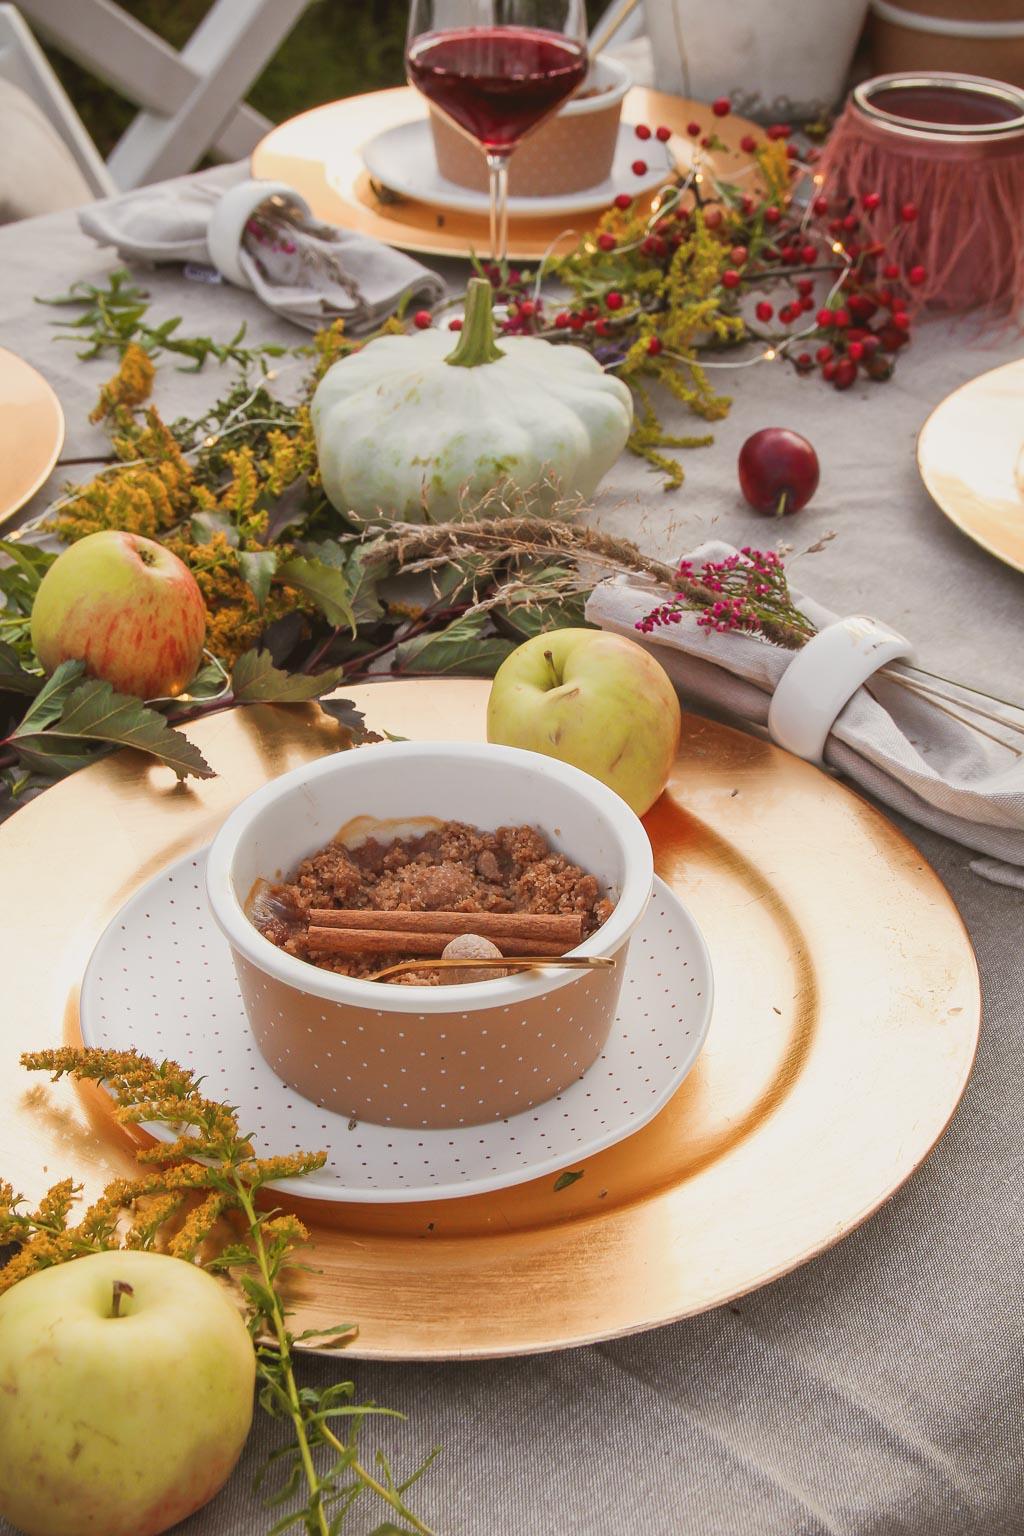 zapiekane jabłka pod cynamonową kruszonką